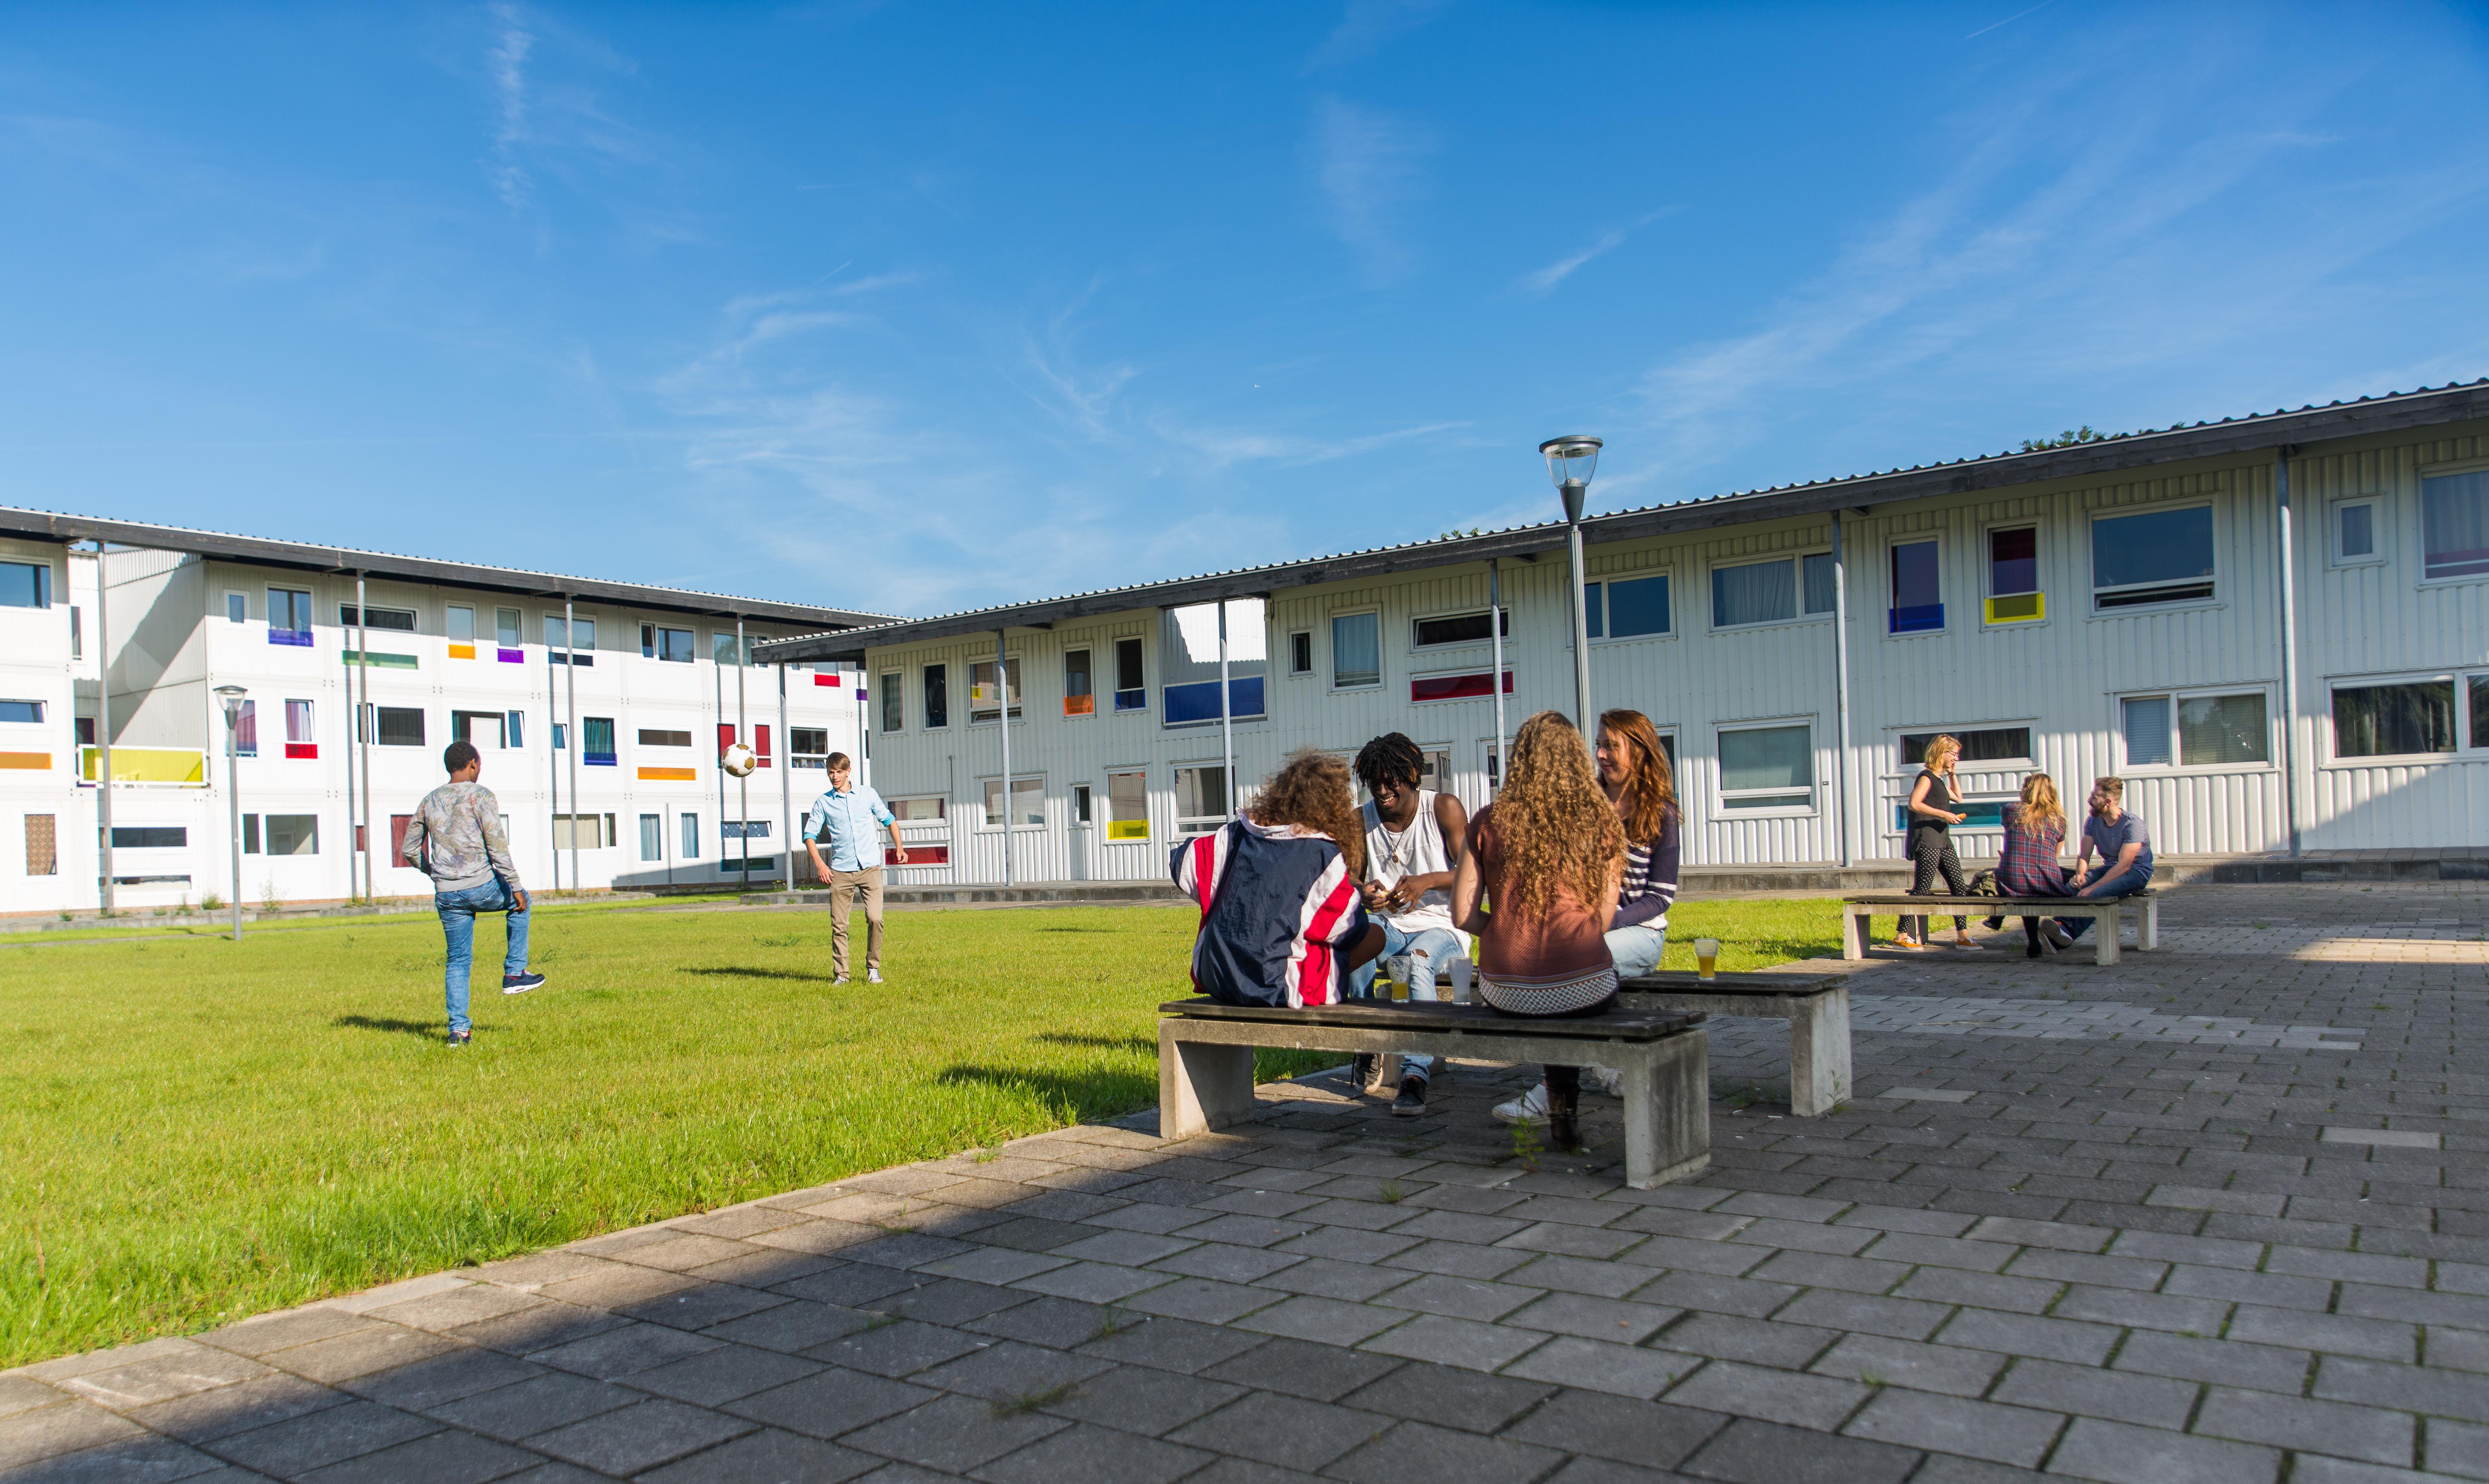 Foto na de oplevering van Startblok Riekerhaven met bewoners die aan het eten en voetballen zijn. Eenzelfde complex komt in Elzenhagen.